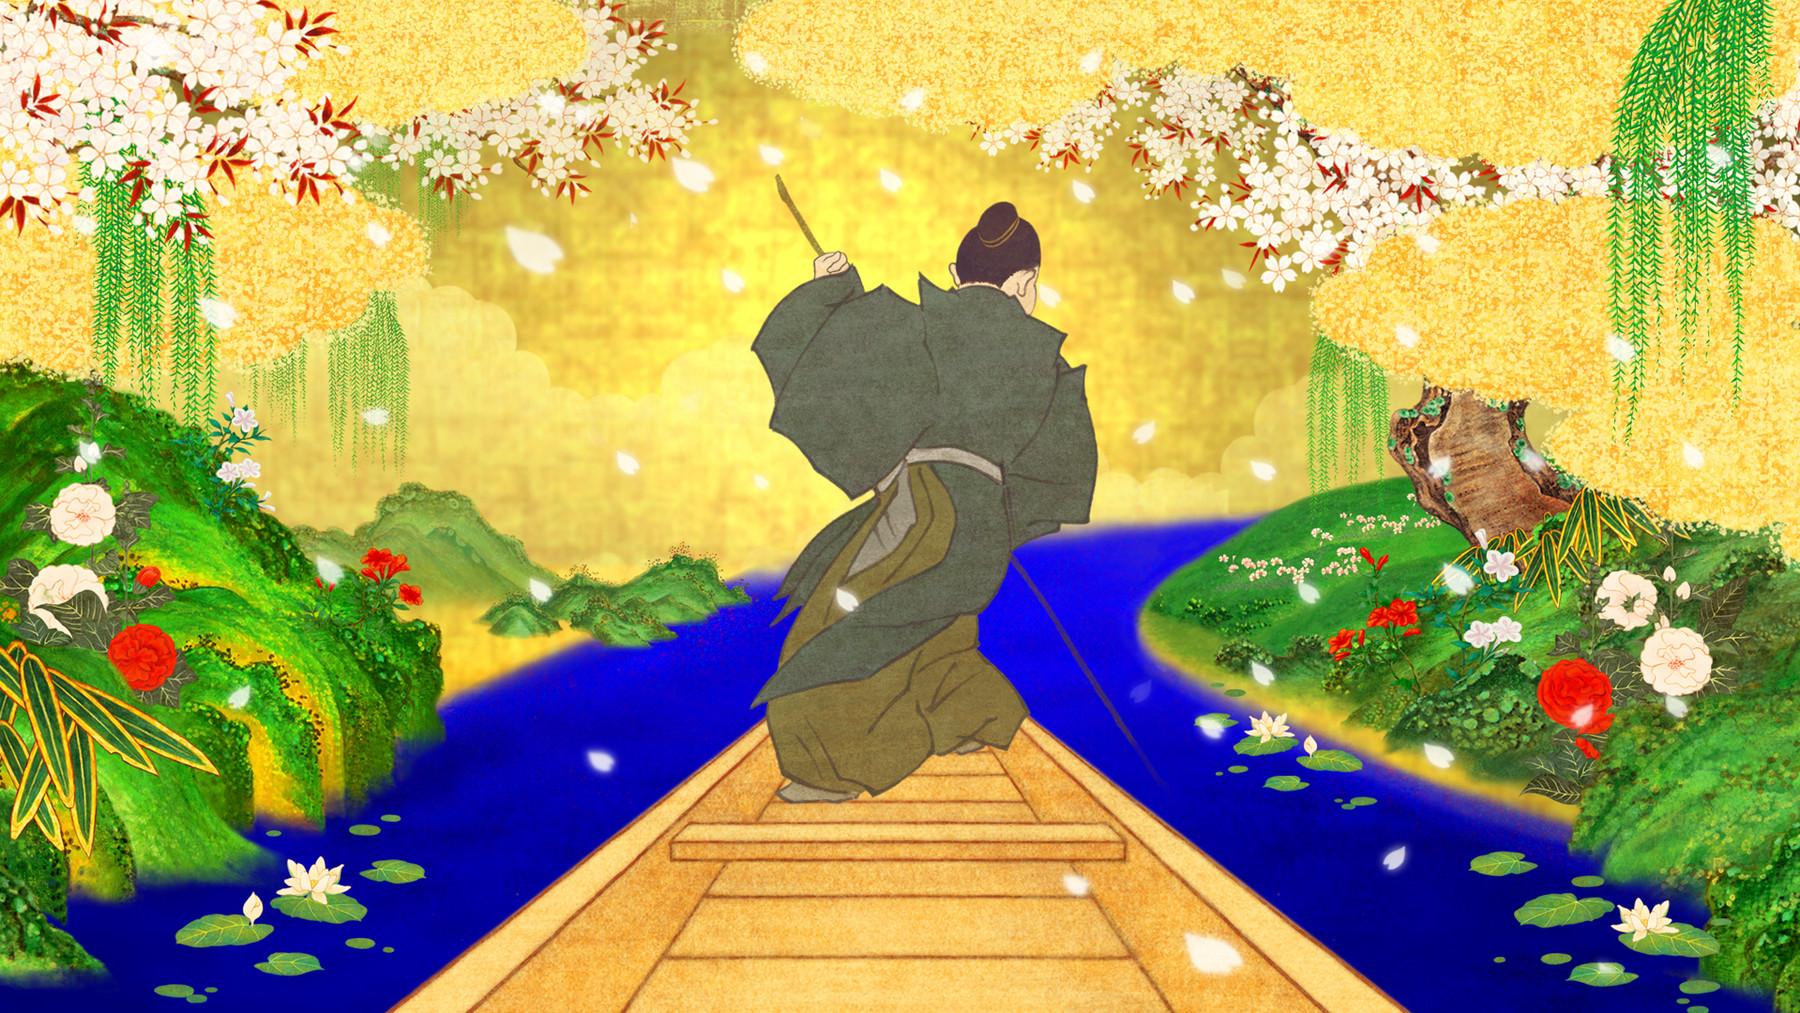 gallery014_003.jpg